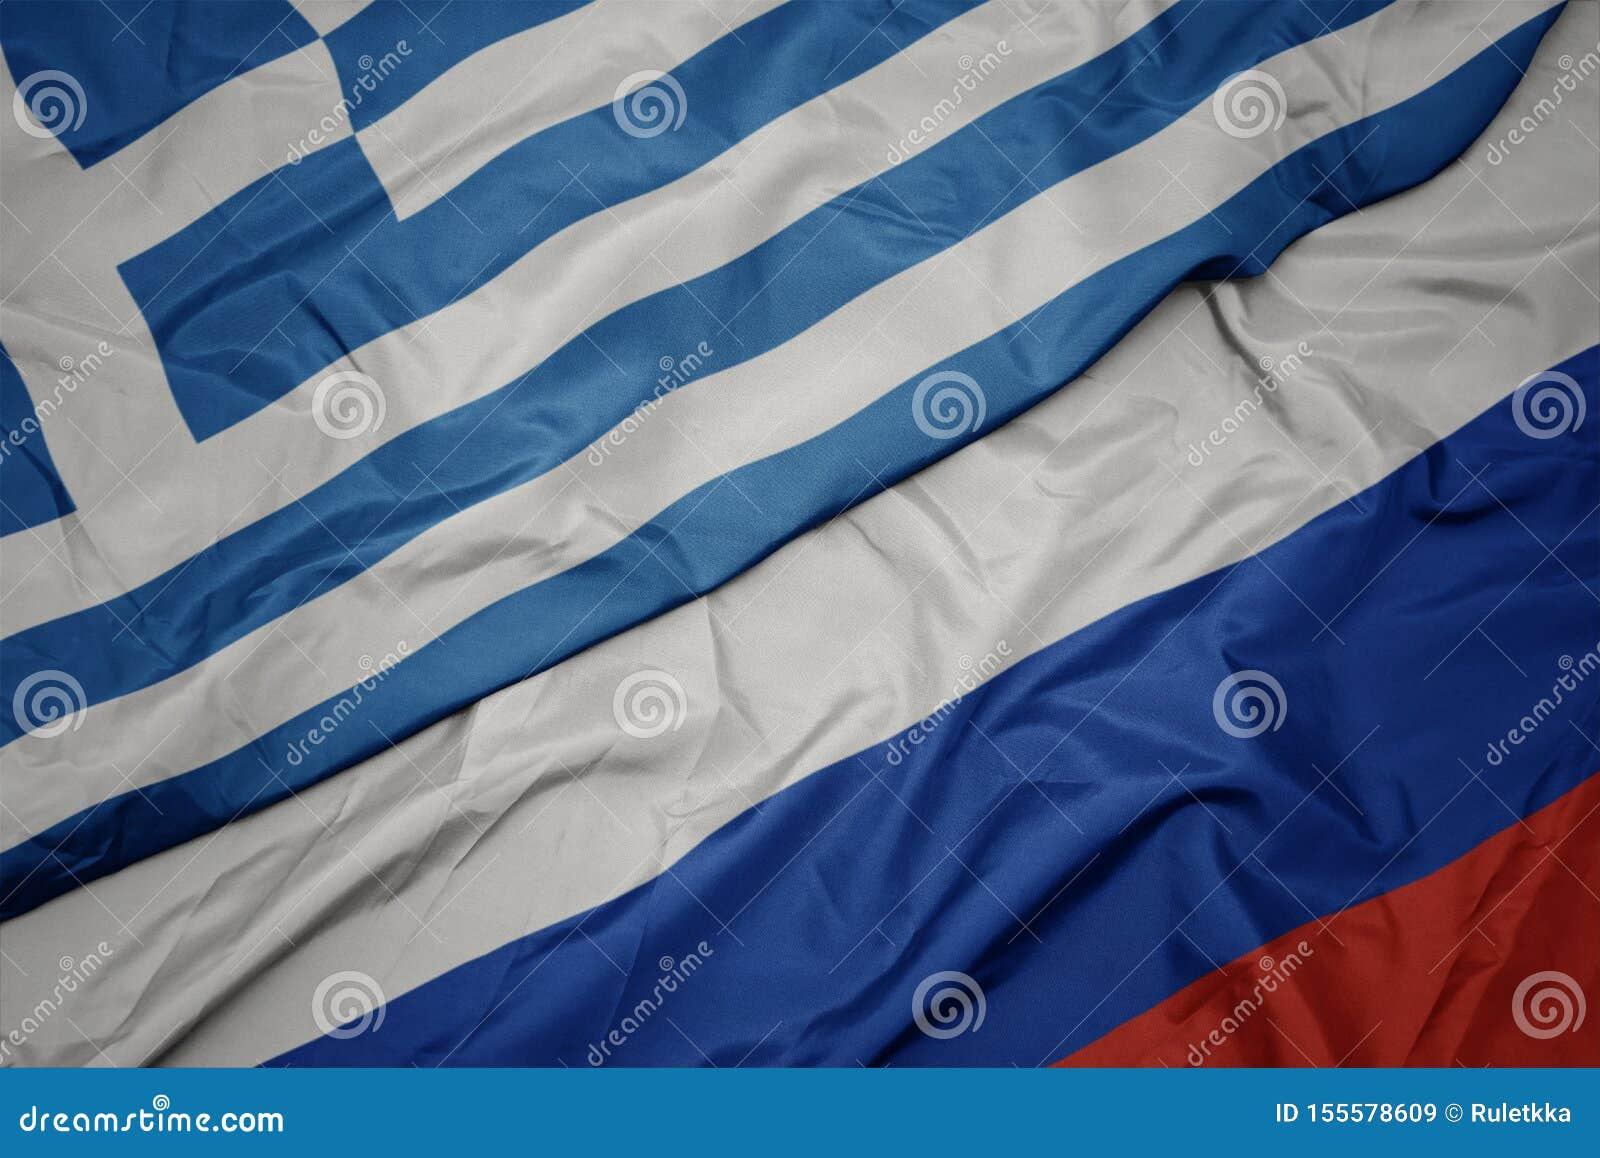 развевая красочный флаг России и национальный флаг Греции